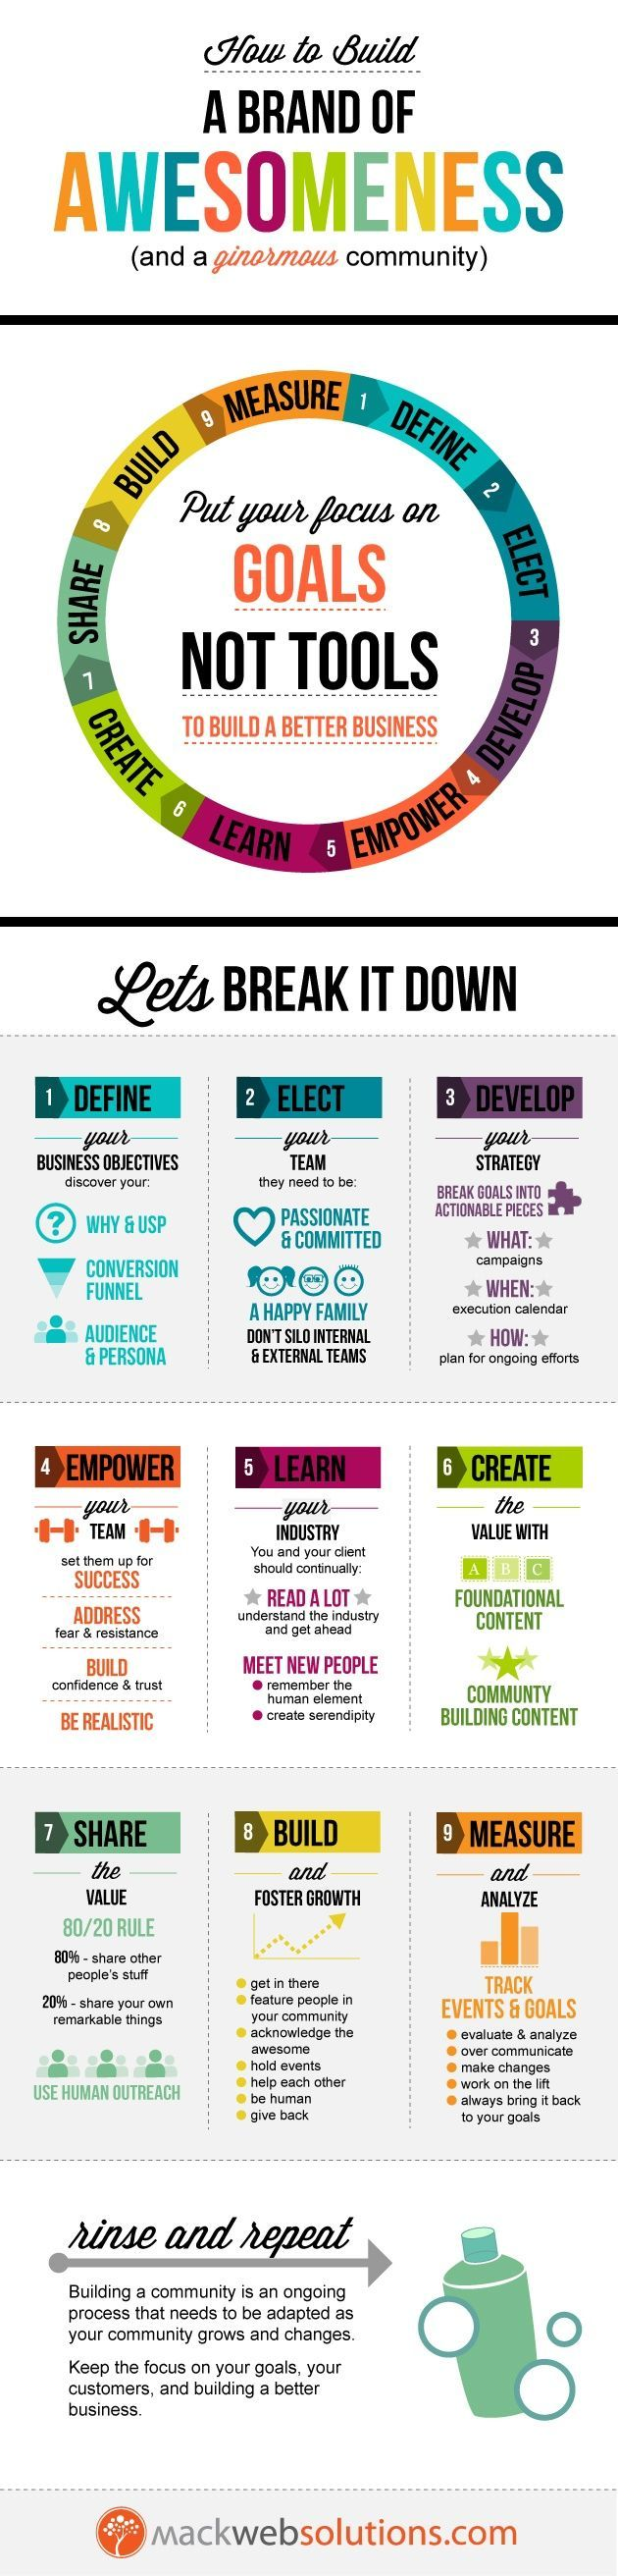 Ótimas dicas para a construção de uma marca de excelência.  www.tendenciasdigitais.net